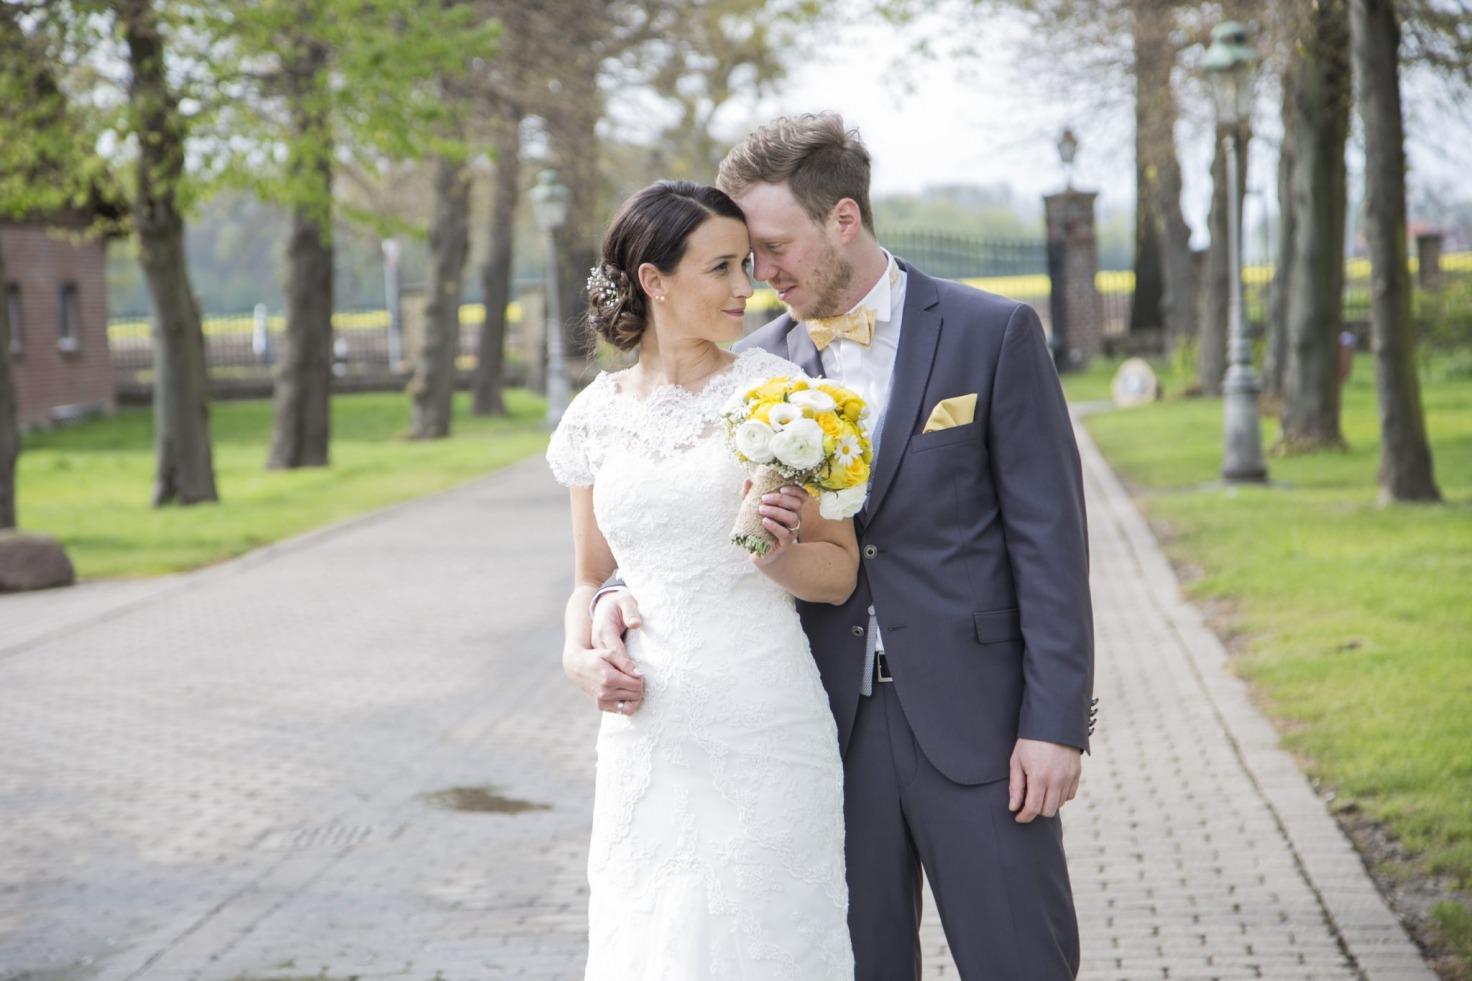 Hochzeit von Jannine und Christian in Münster: Brautpaar auf einer Allee